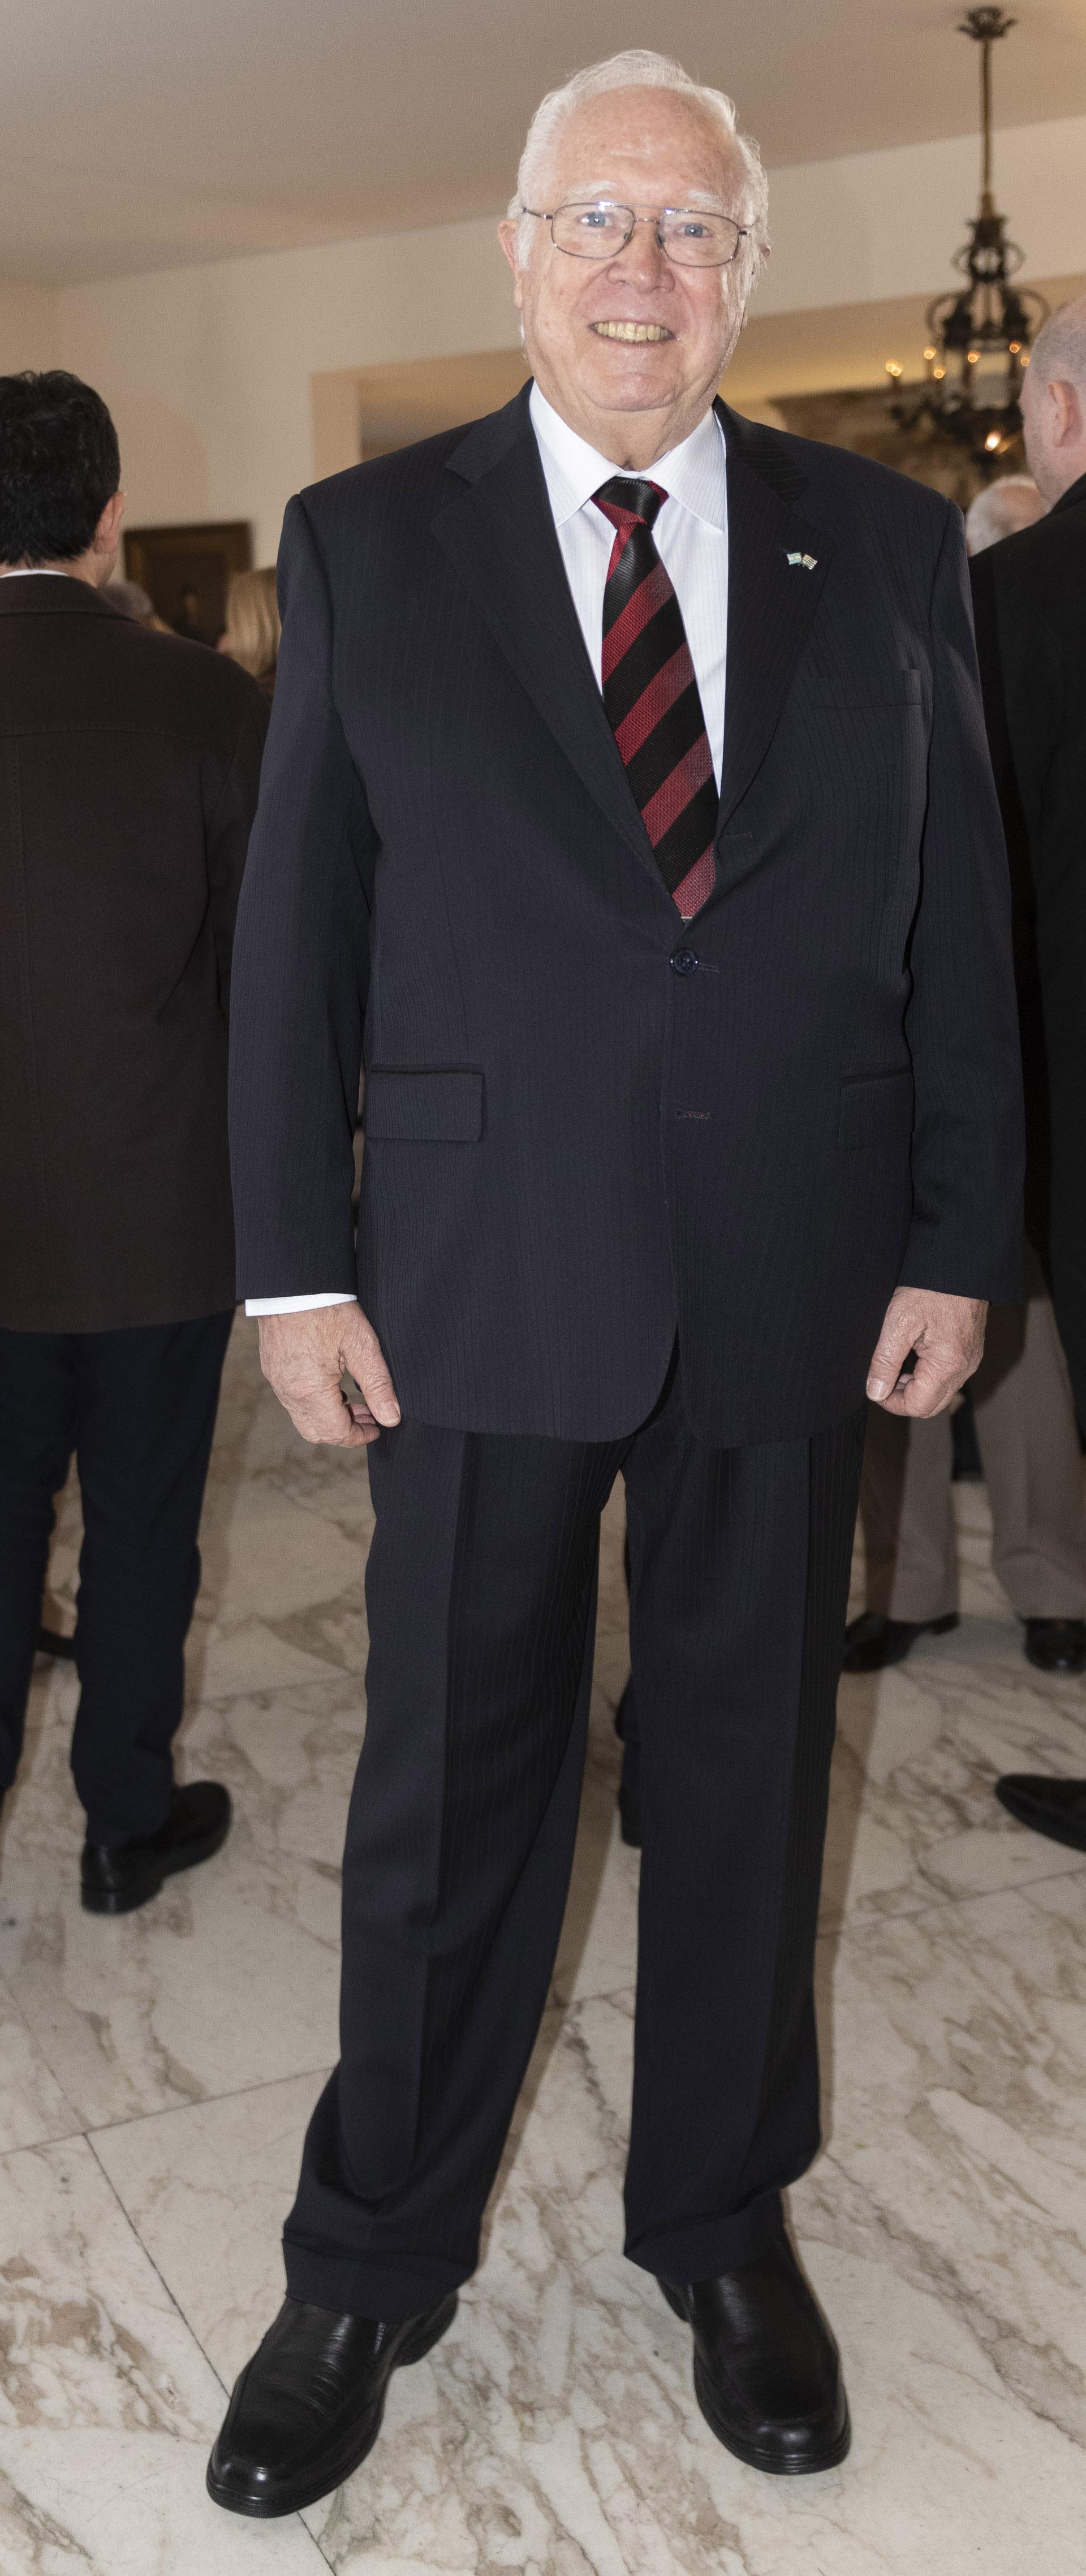 Alfrede Davérede, director de la cámara de comercio argentino uruguaya